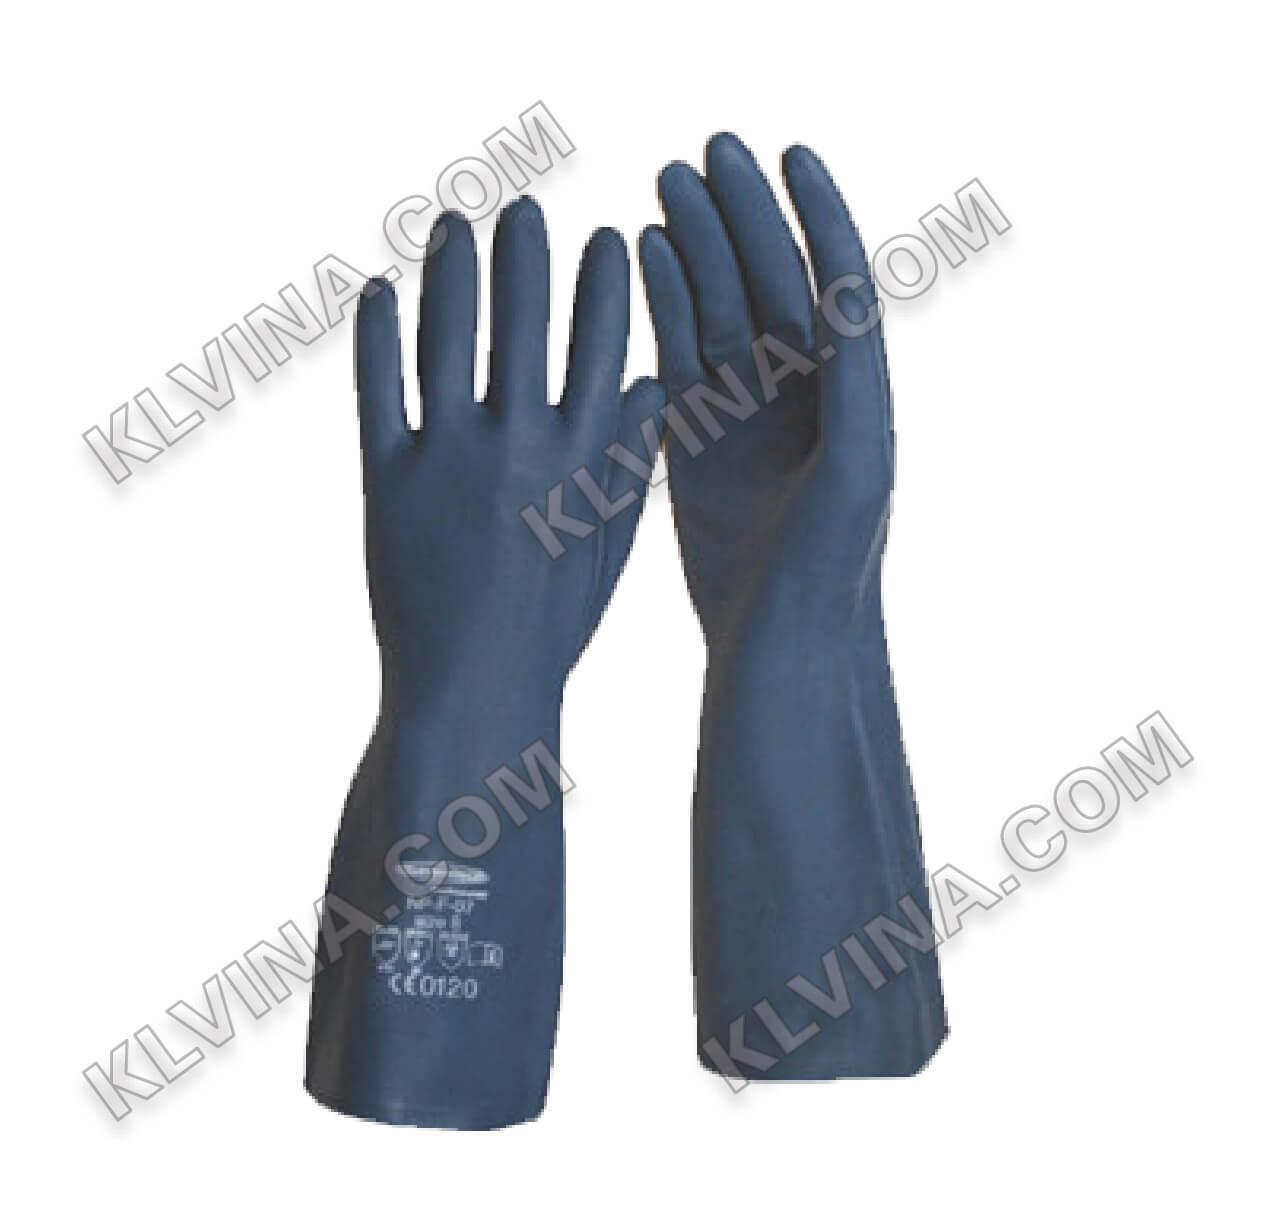 Găng tay chống Axit mạnh